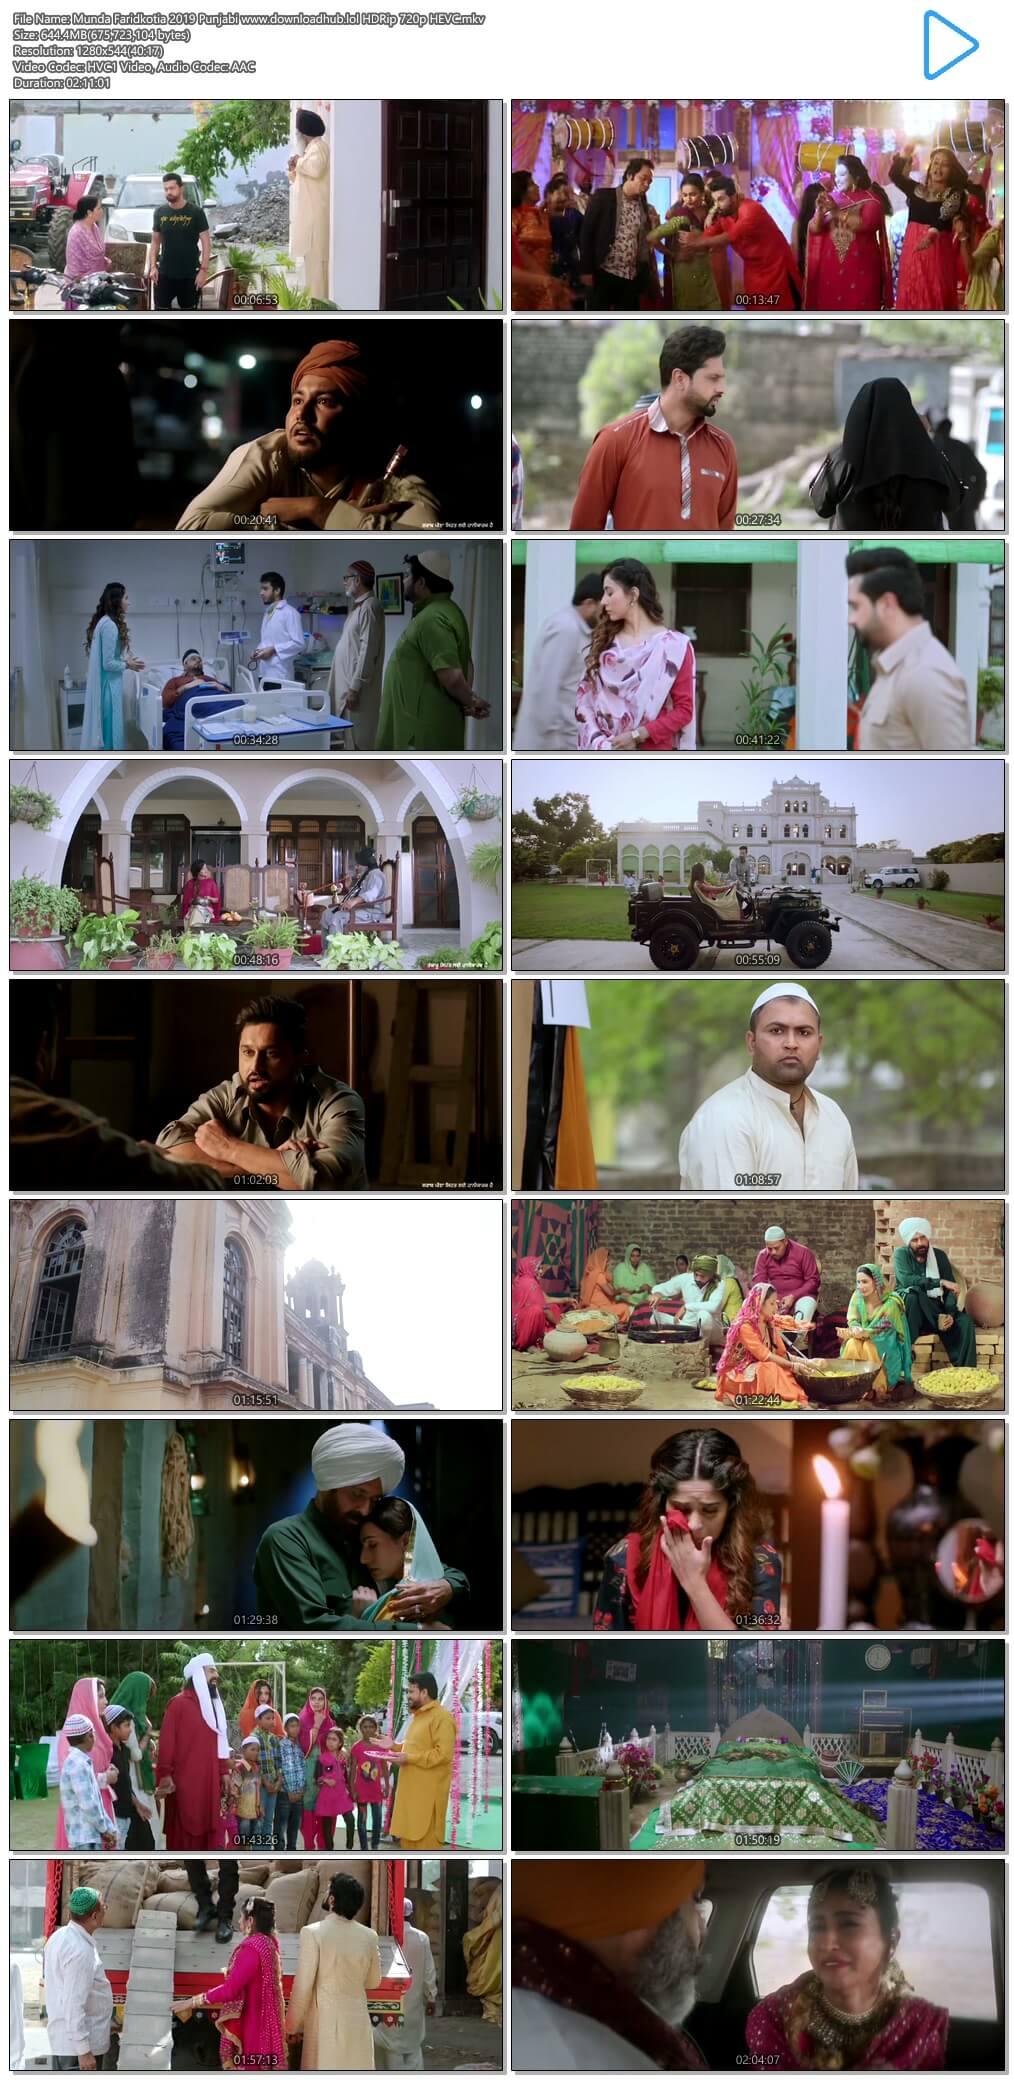 Munda Faridkotia 2019 Punjabi 650MB HDRip 720p HEVC